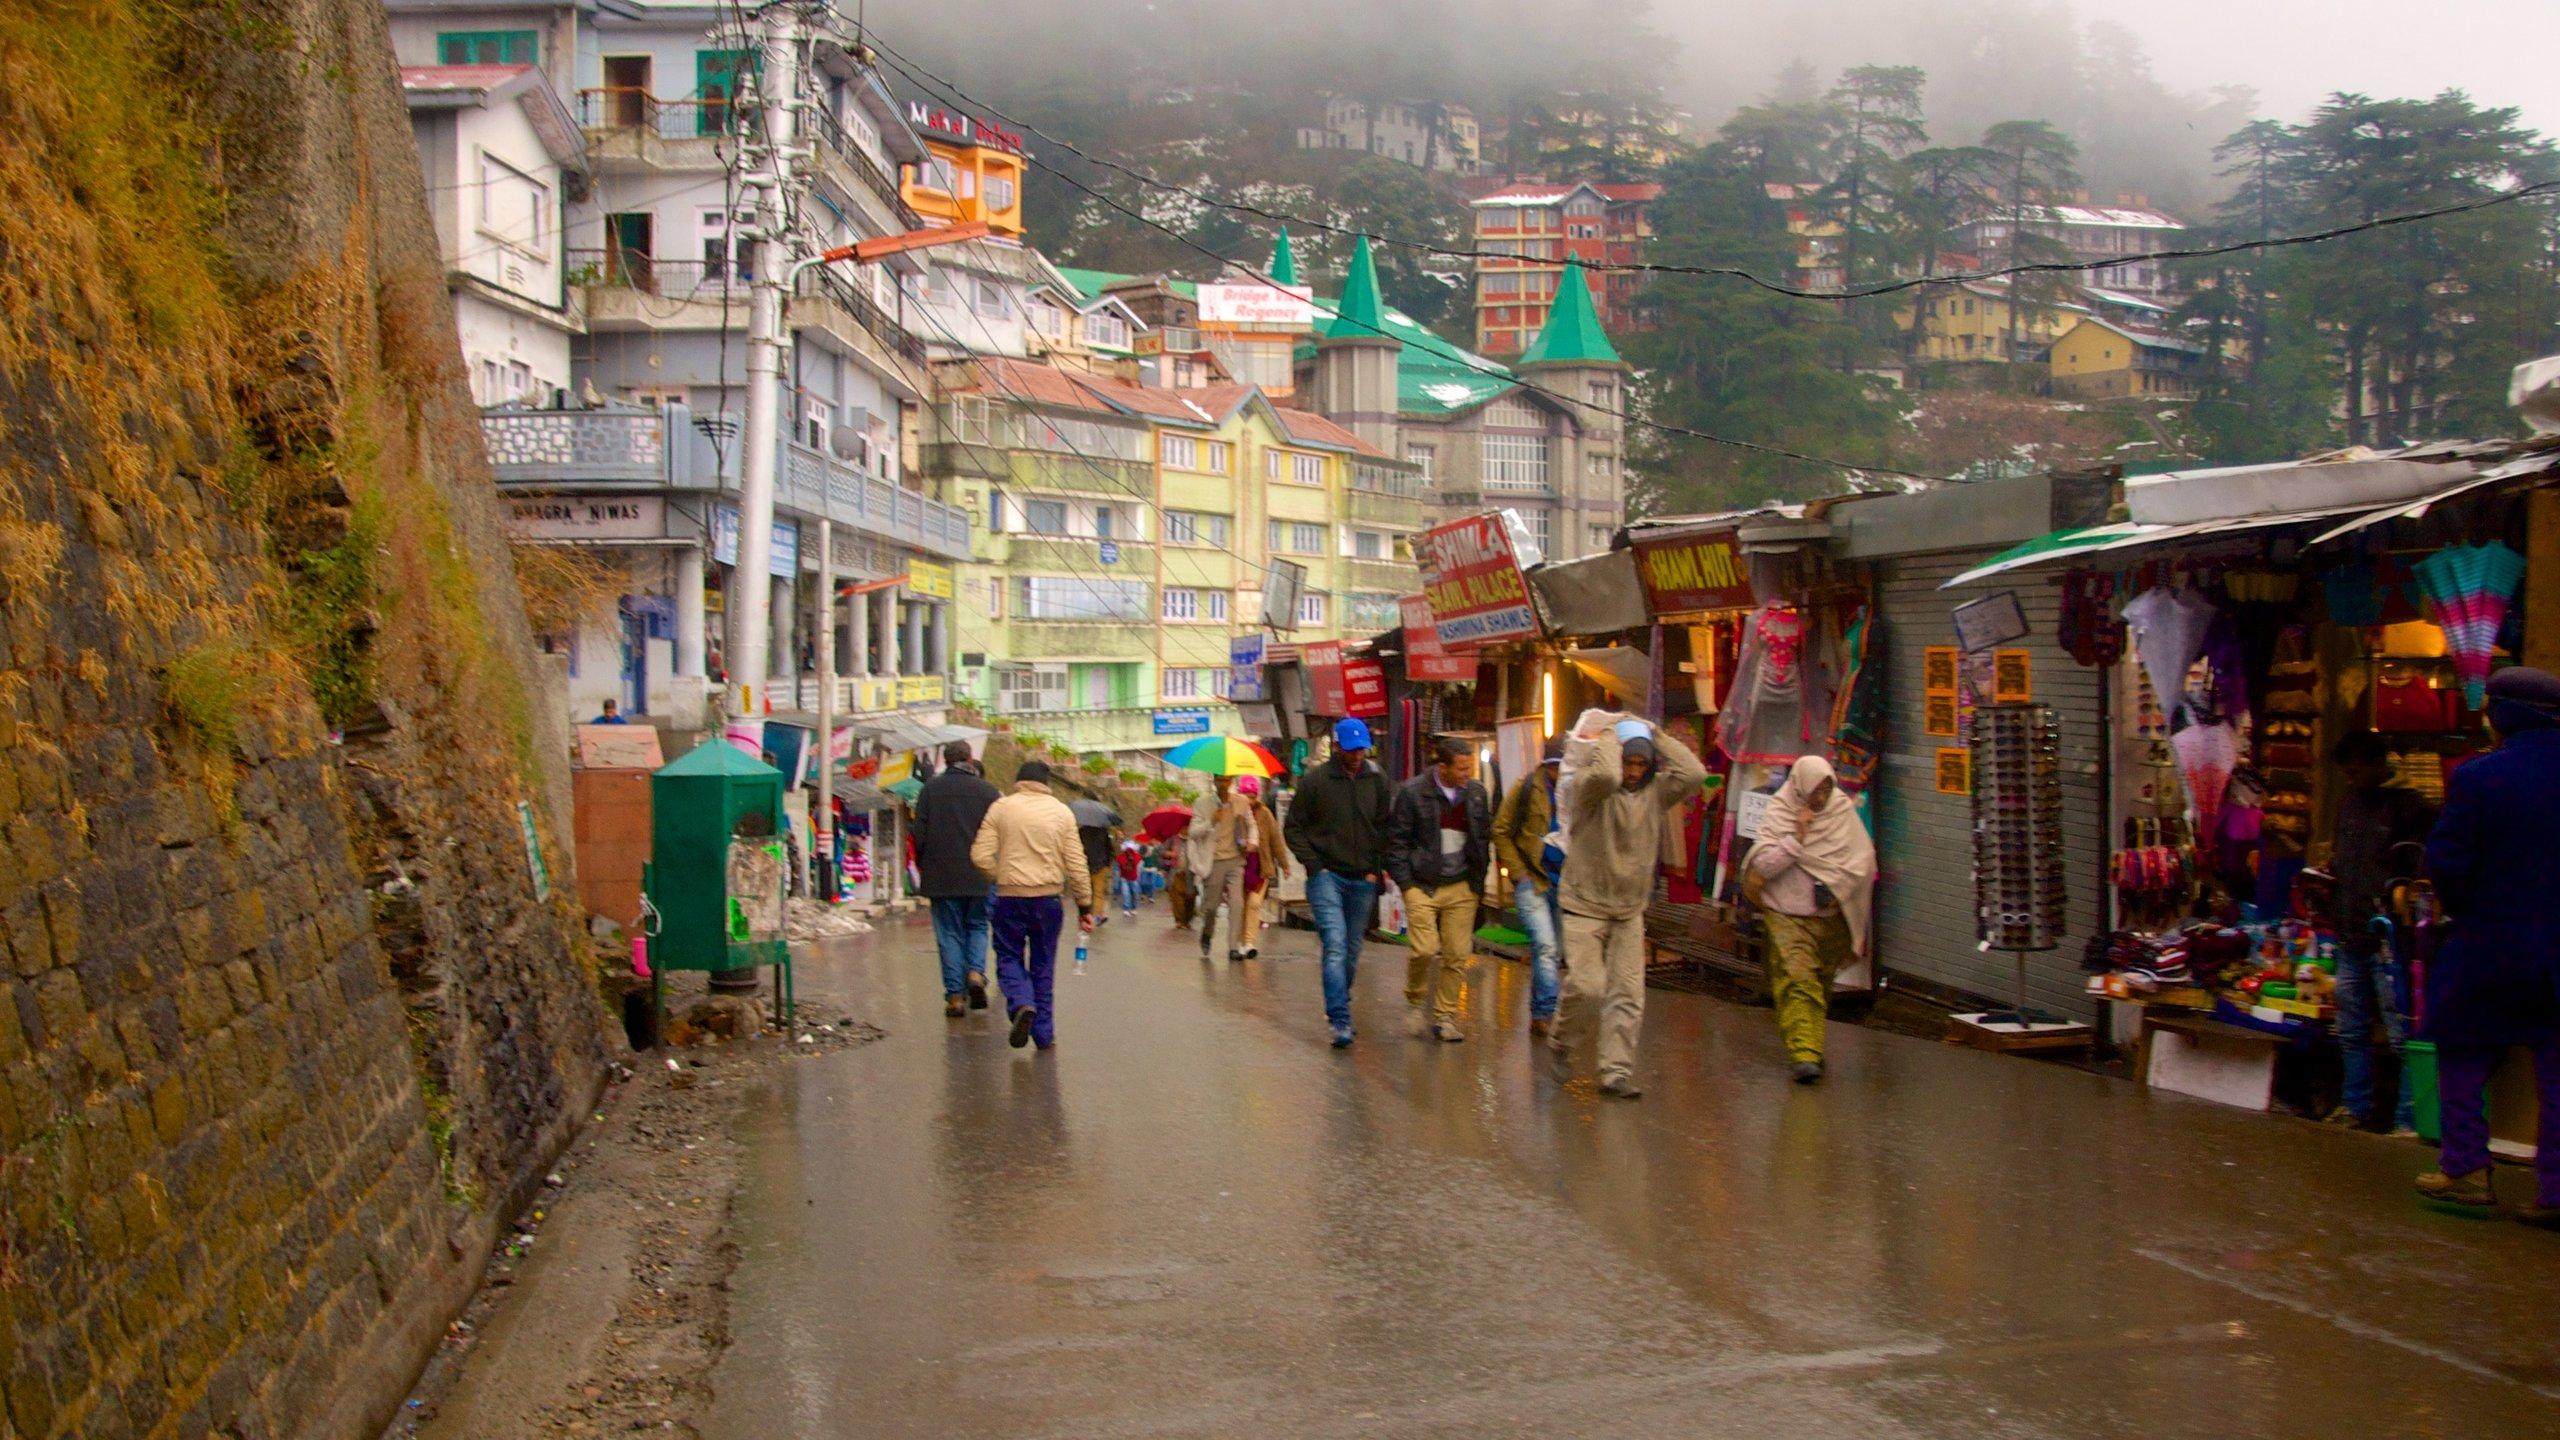 Shimla Mall (Einkaufszentrum), Shimla, Himachal Pradesh, Indien